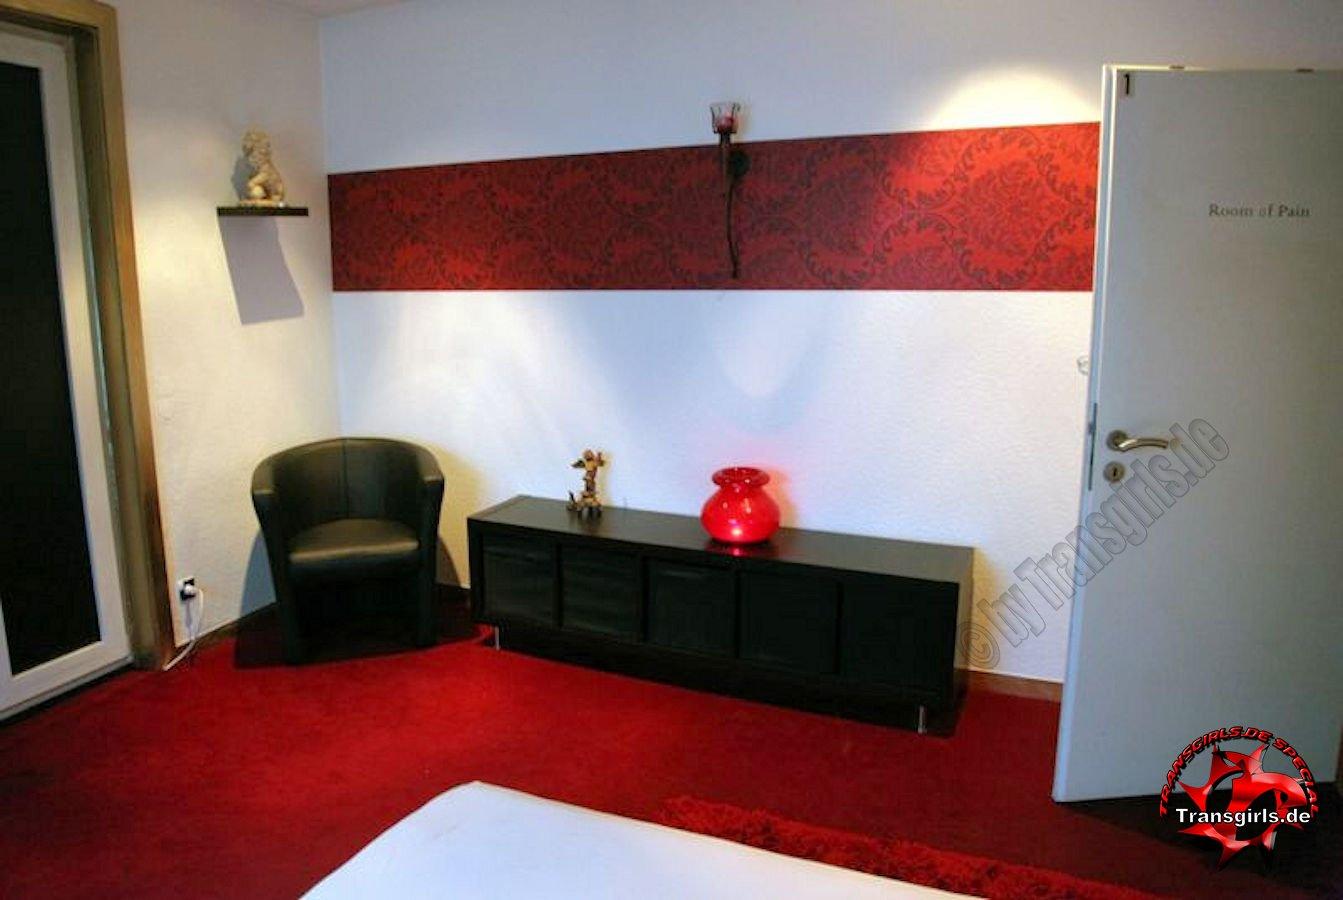 Fotos Bilder von Top Appartement Vermietung von Arbeitswohnungen für Shemales Transen TS TV Ladies in Hamburg Hamburg-Nord